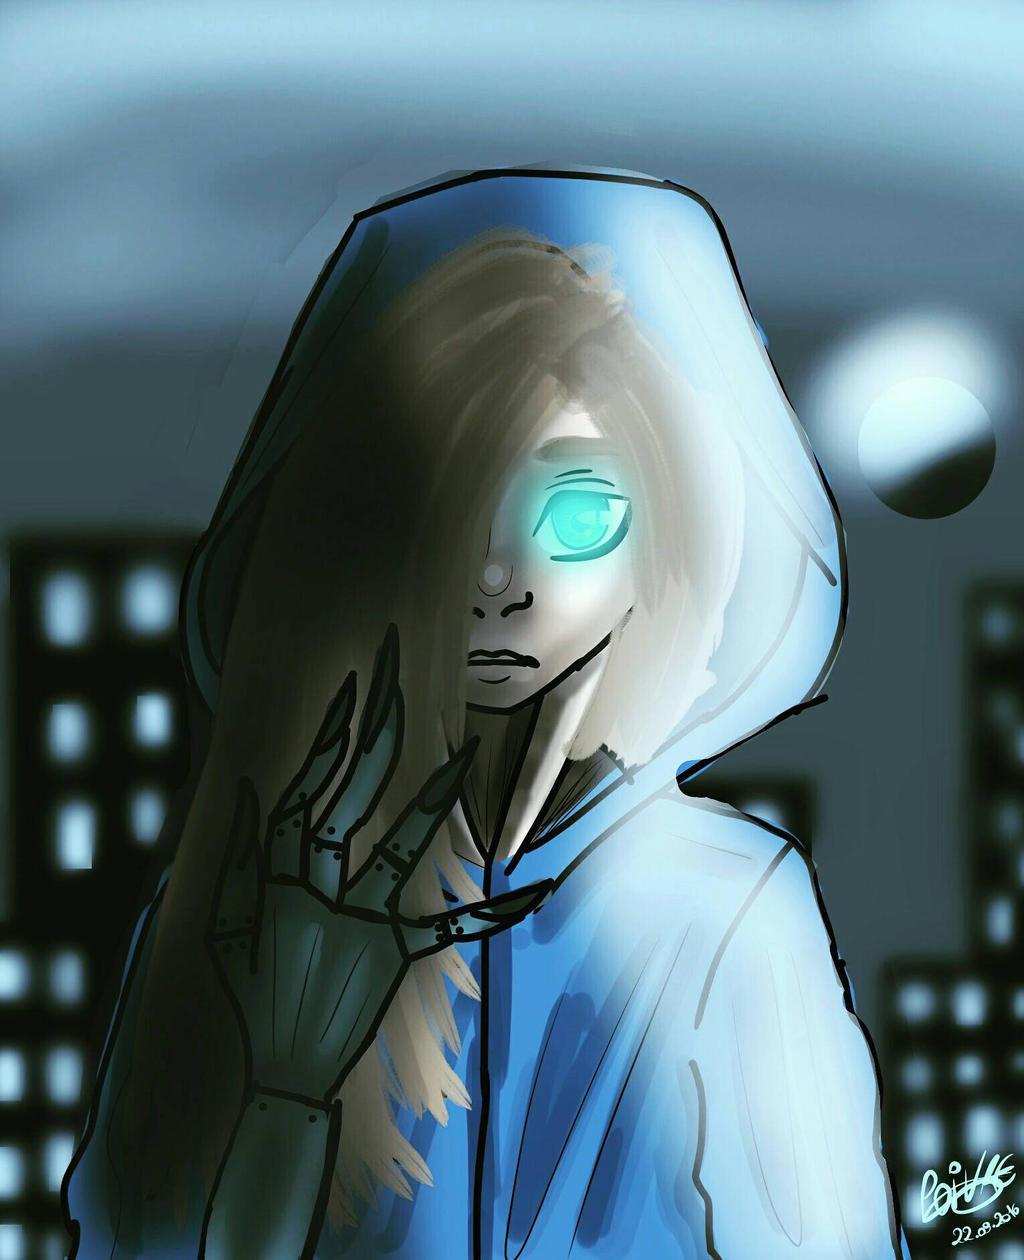 Metal Gear Rising Oc by moondaneka